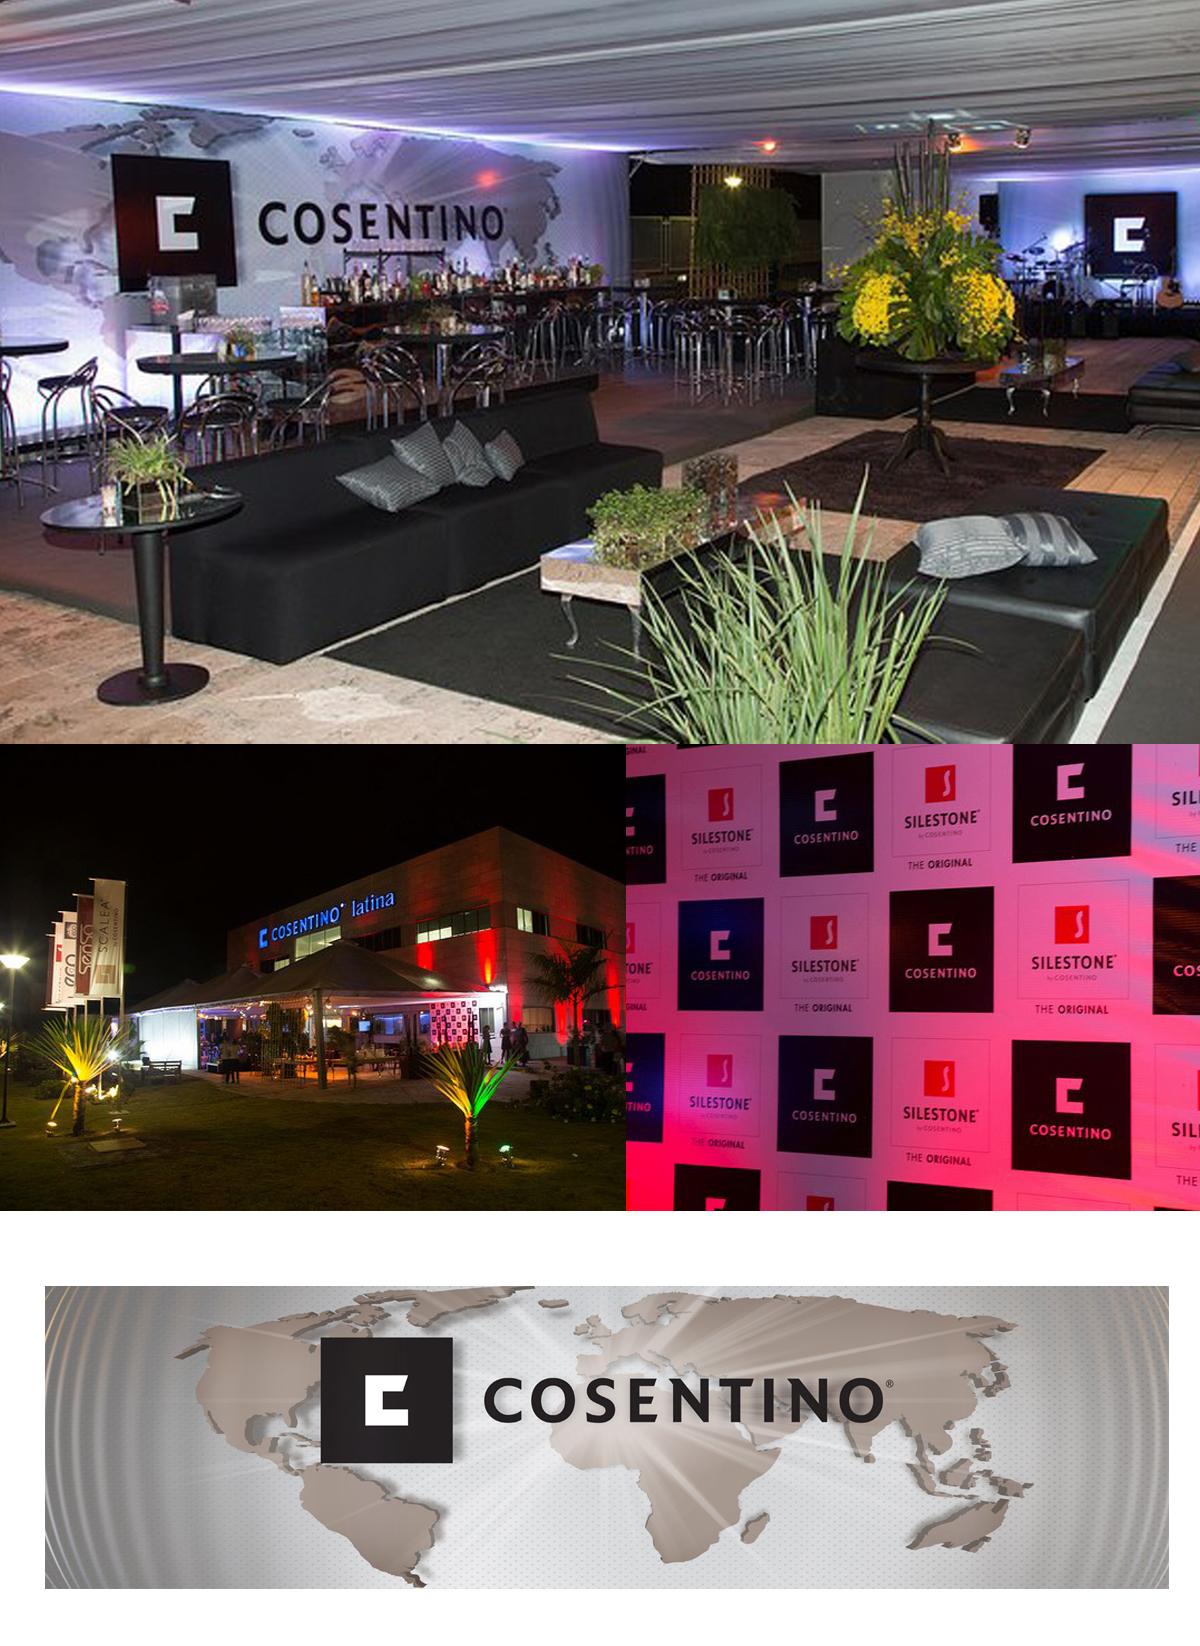 Cosentino Latina - Festa Anual 2013